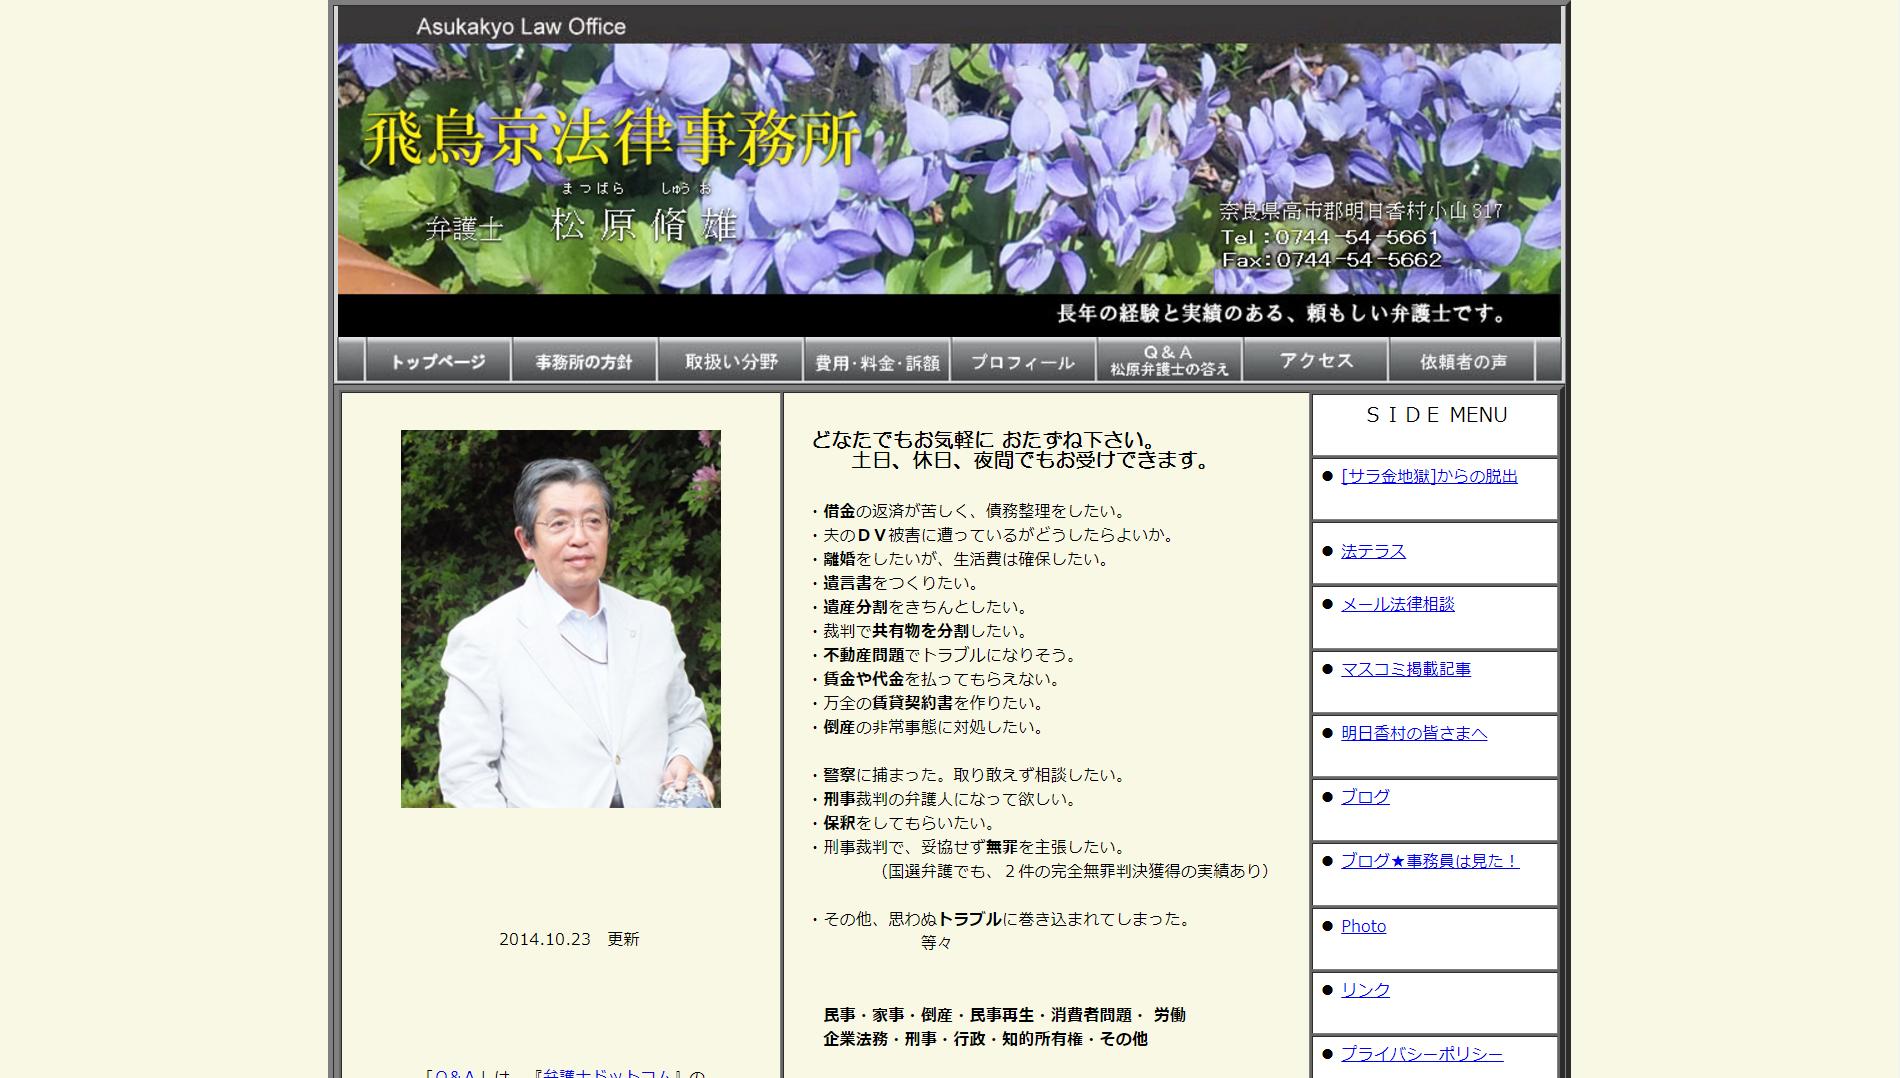 飛鳥京法律事務所(奈良県明日香村小山)